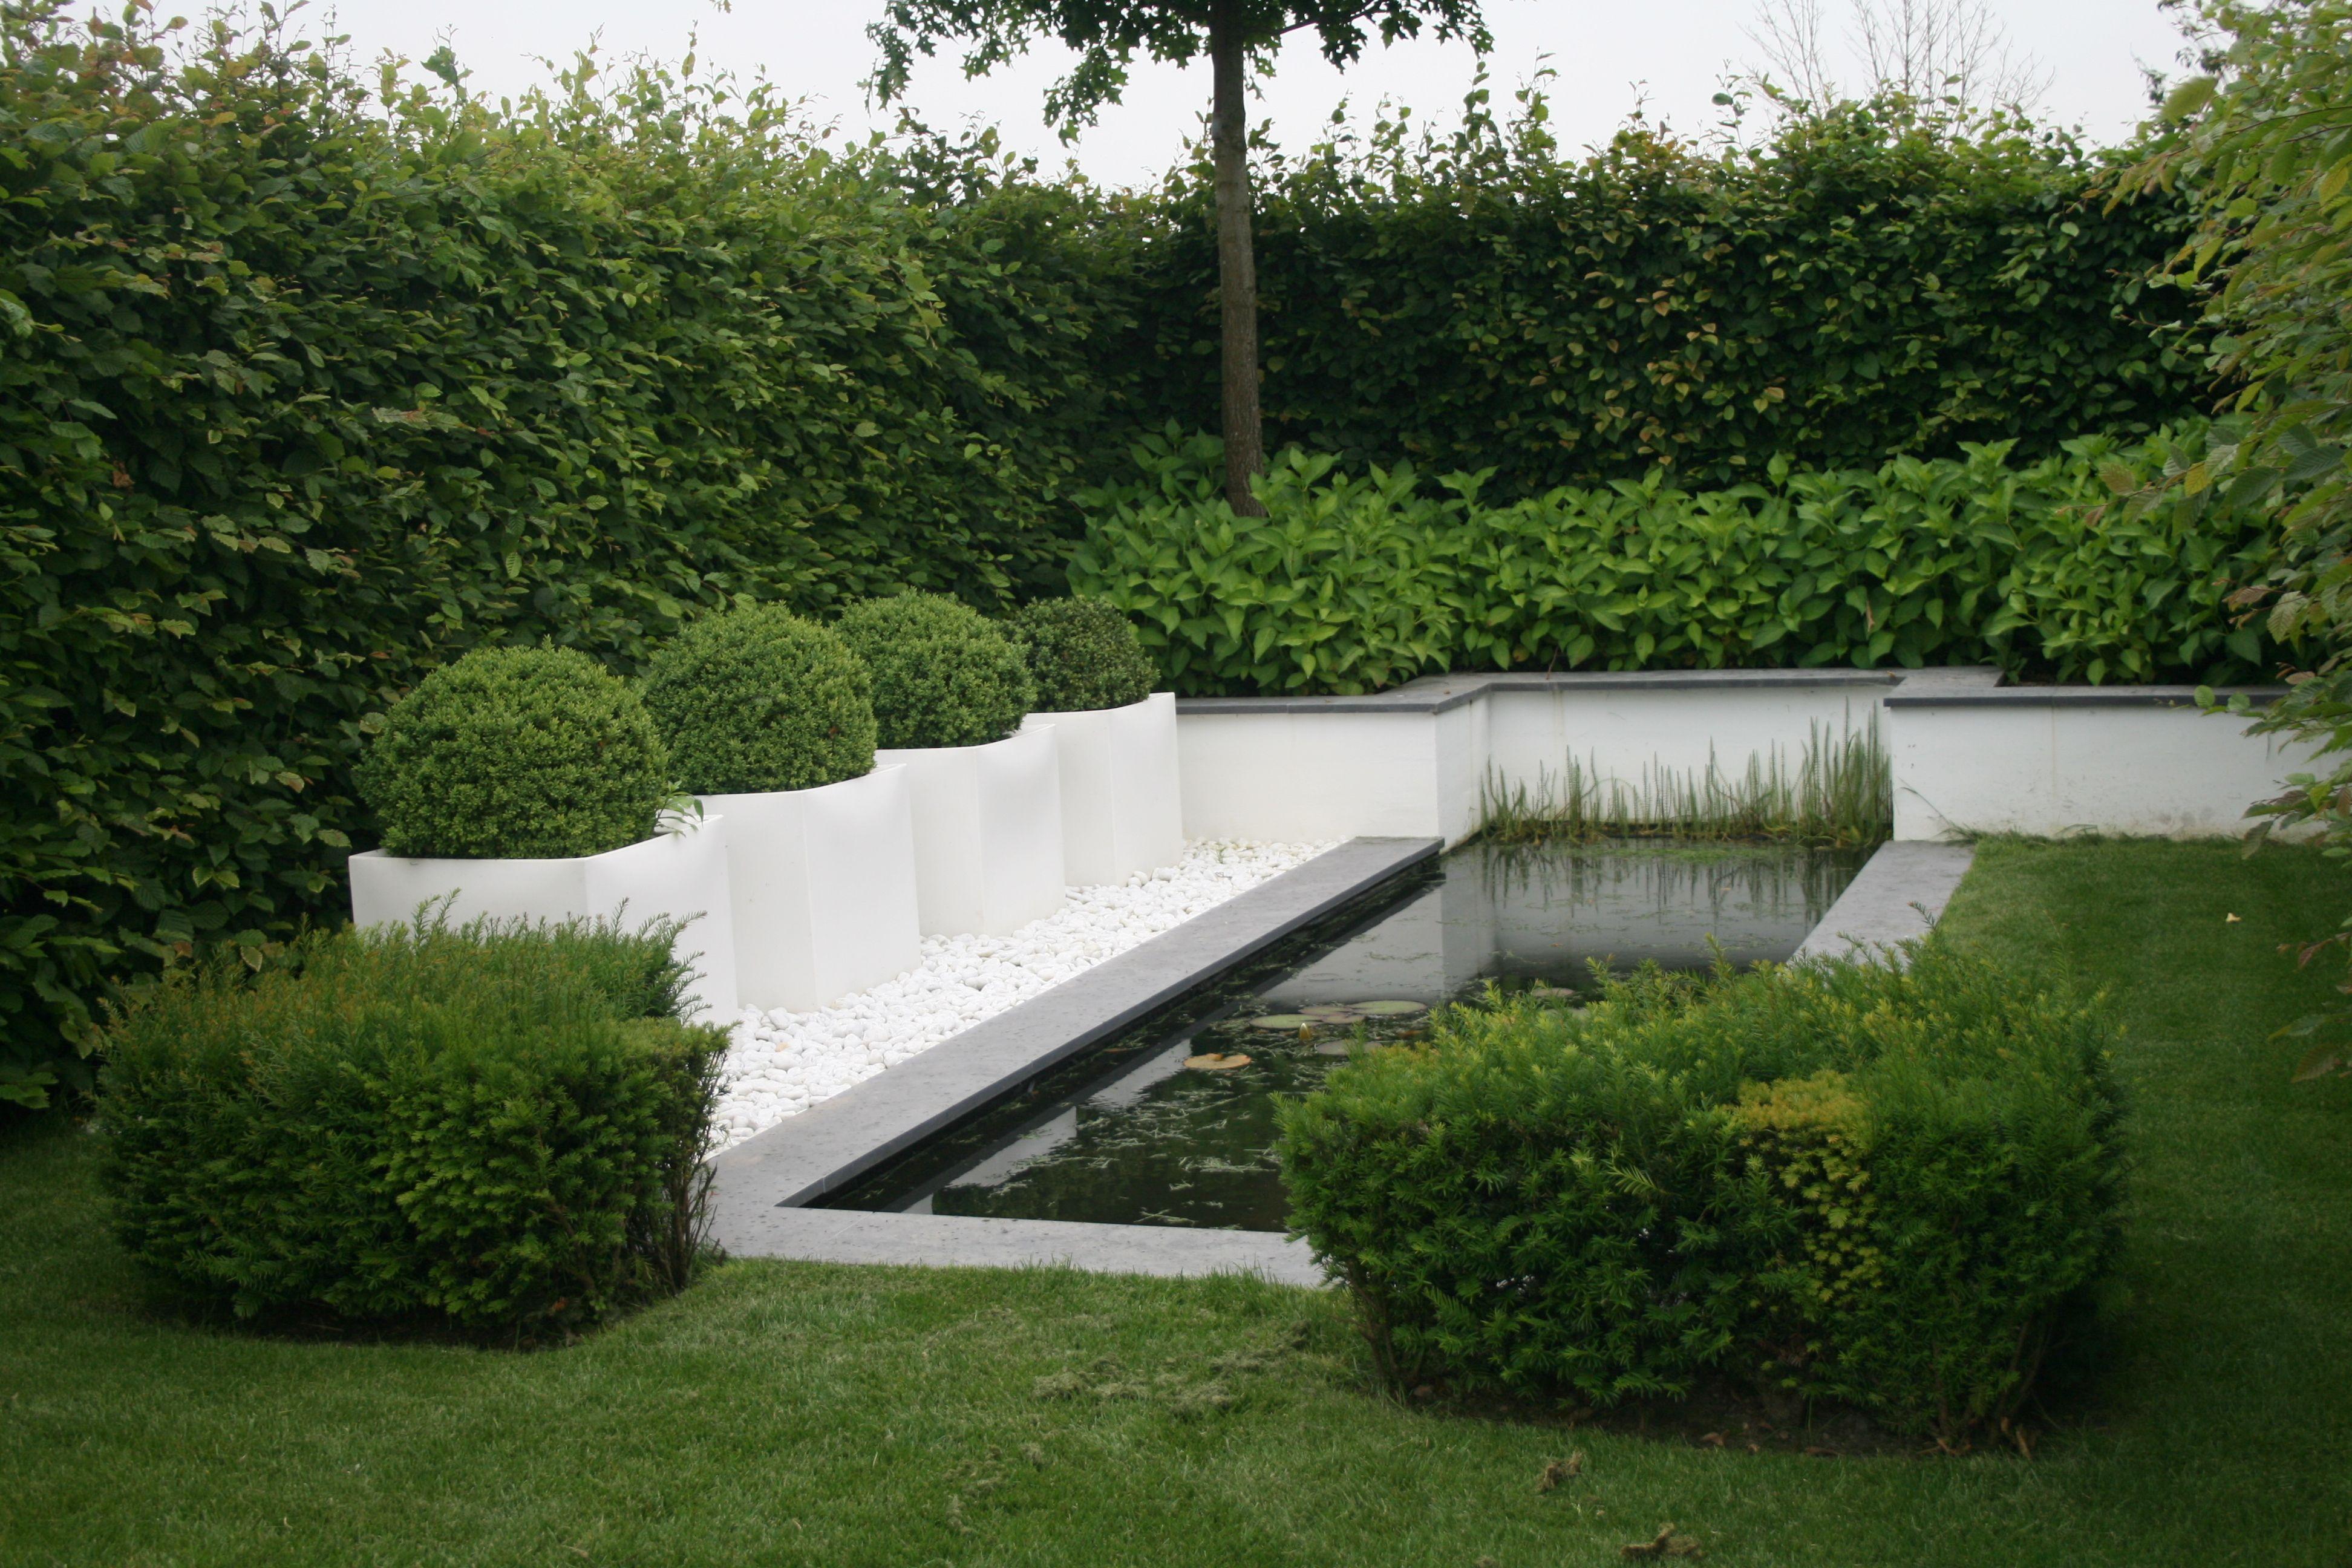 Buchs Im Kubel Gartenreise Holland Appeltern Pool Im Garten Topfgarten Garten